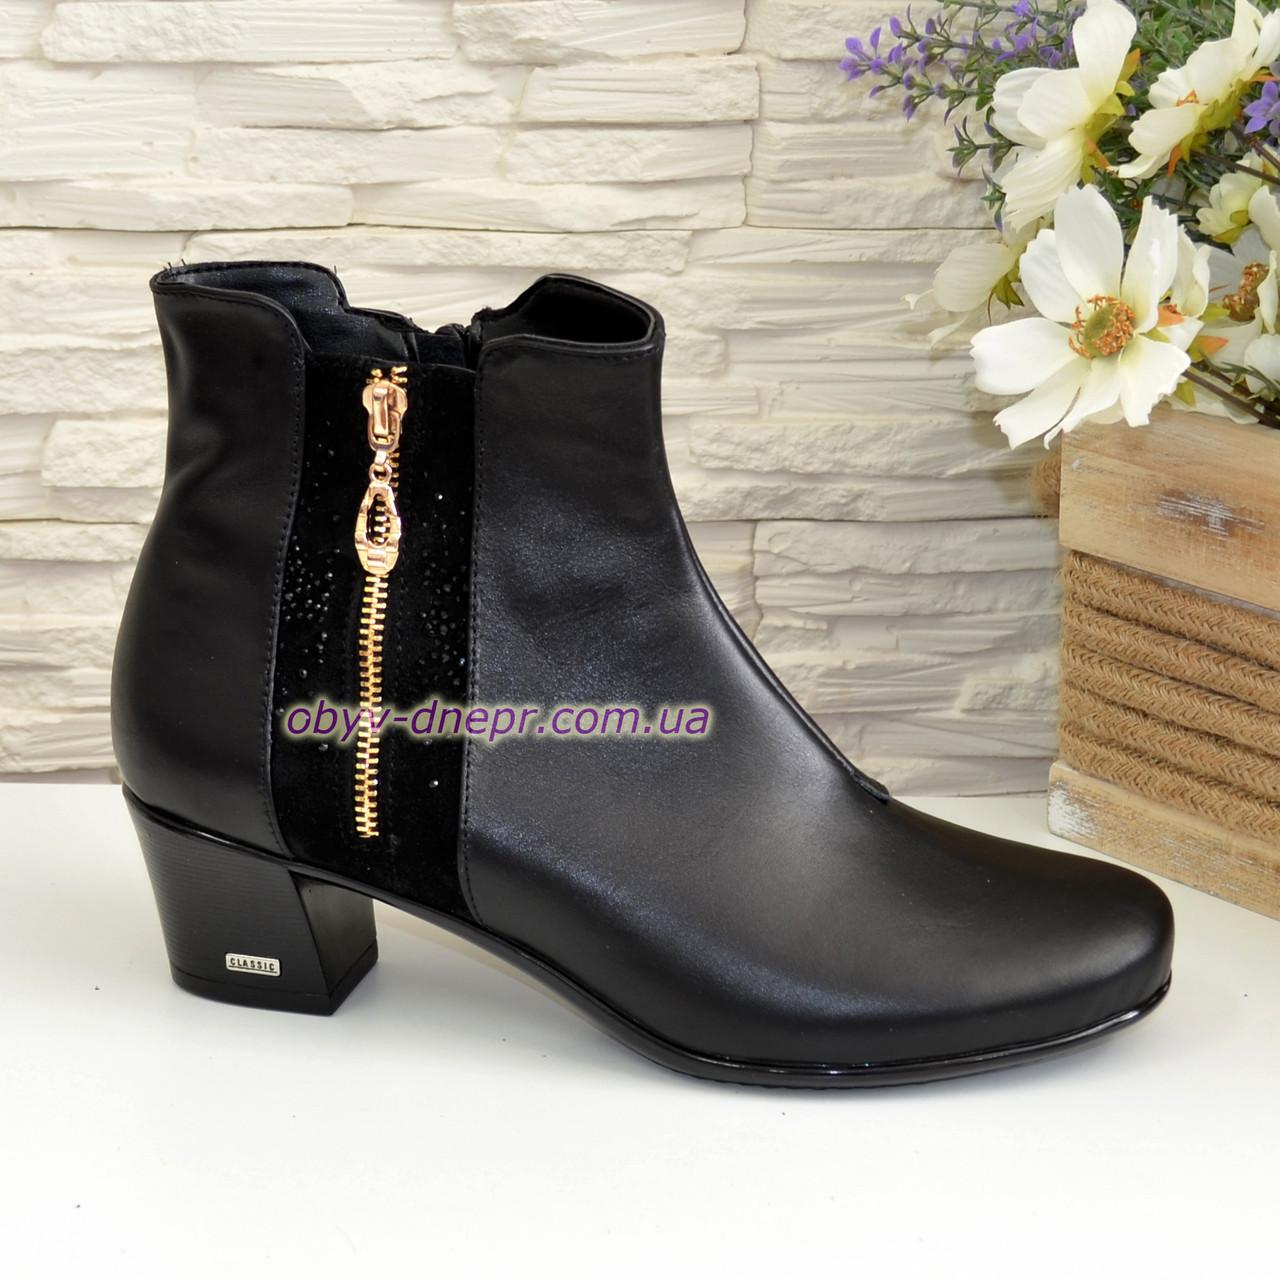 Женские кожаные ботинки на невысоком каблуке. 40 размер